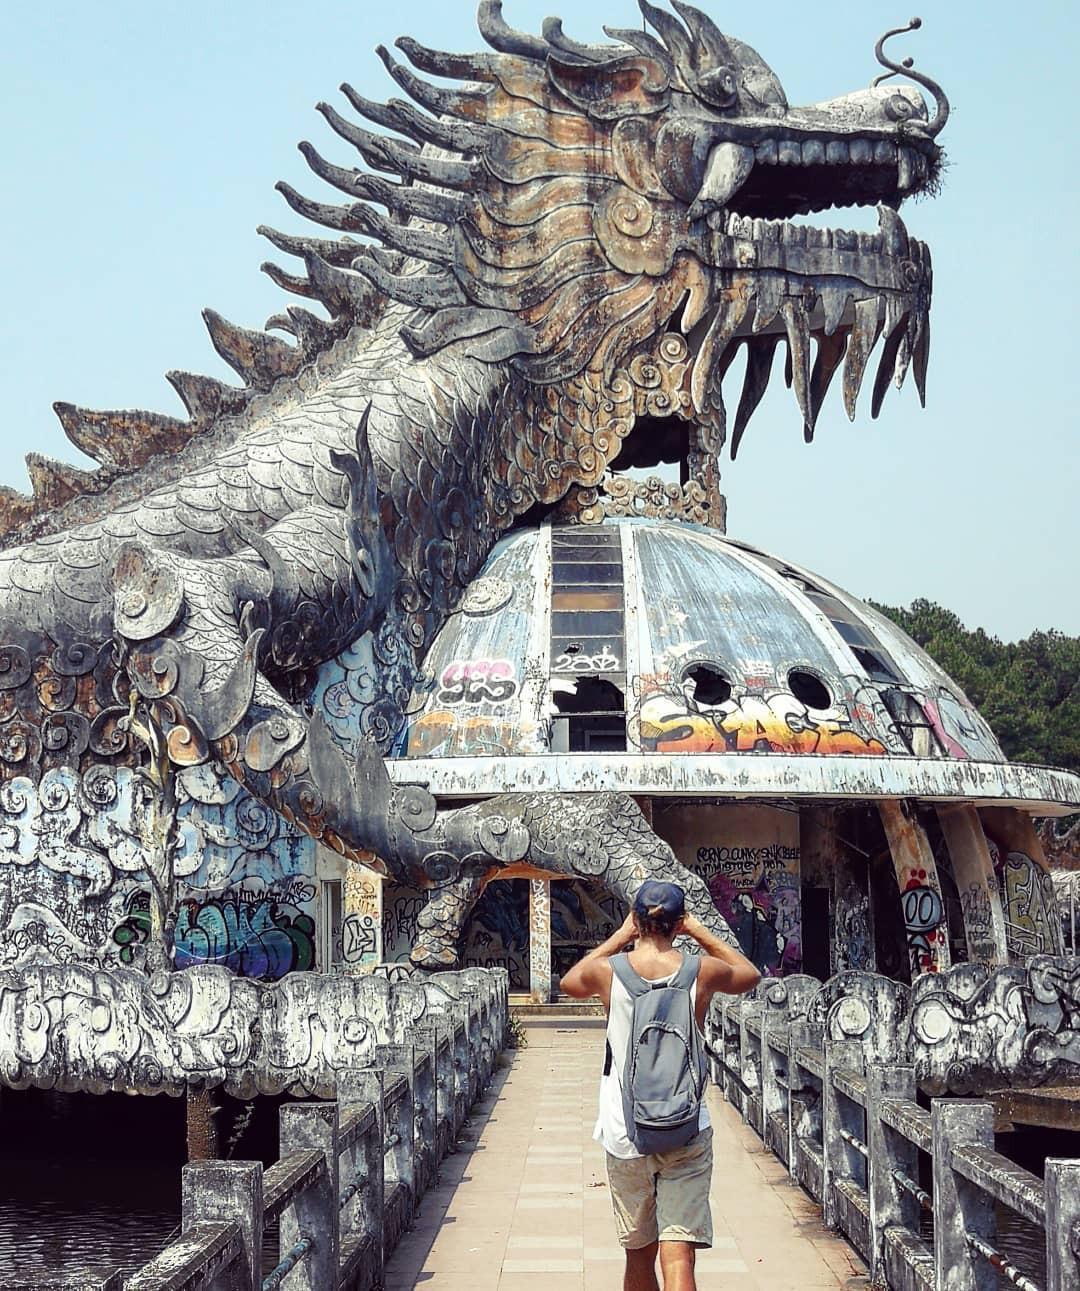 """Không kém cạnh Thái Lan, Việt Nam cũng có tọa độ được canh giữ bởi """"rồng khổng lồ"""" còn rùng rợn hơn nước bạn - Ảnh 12."""